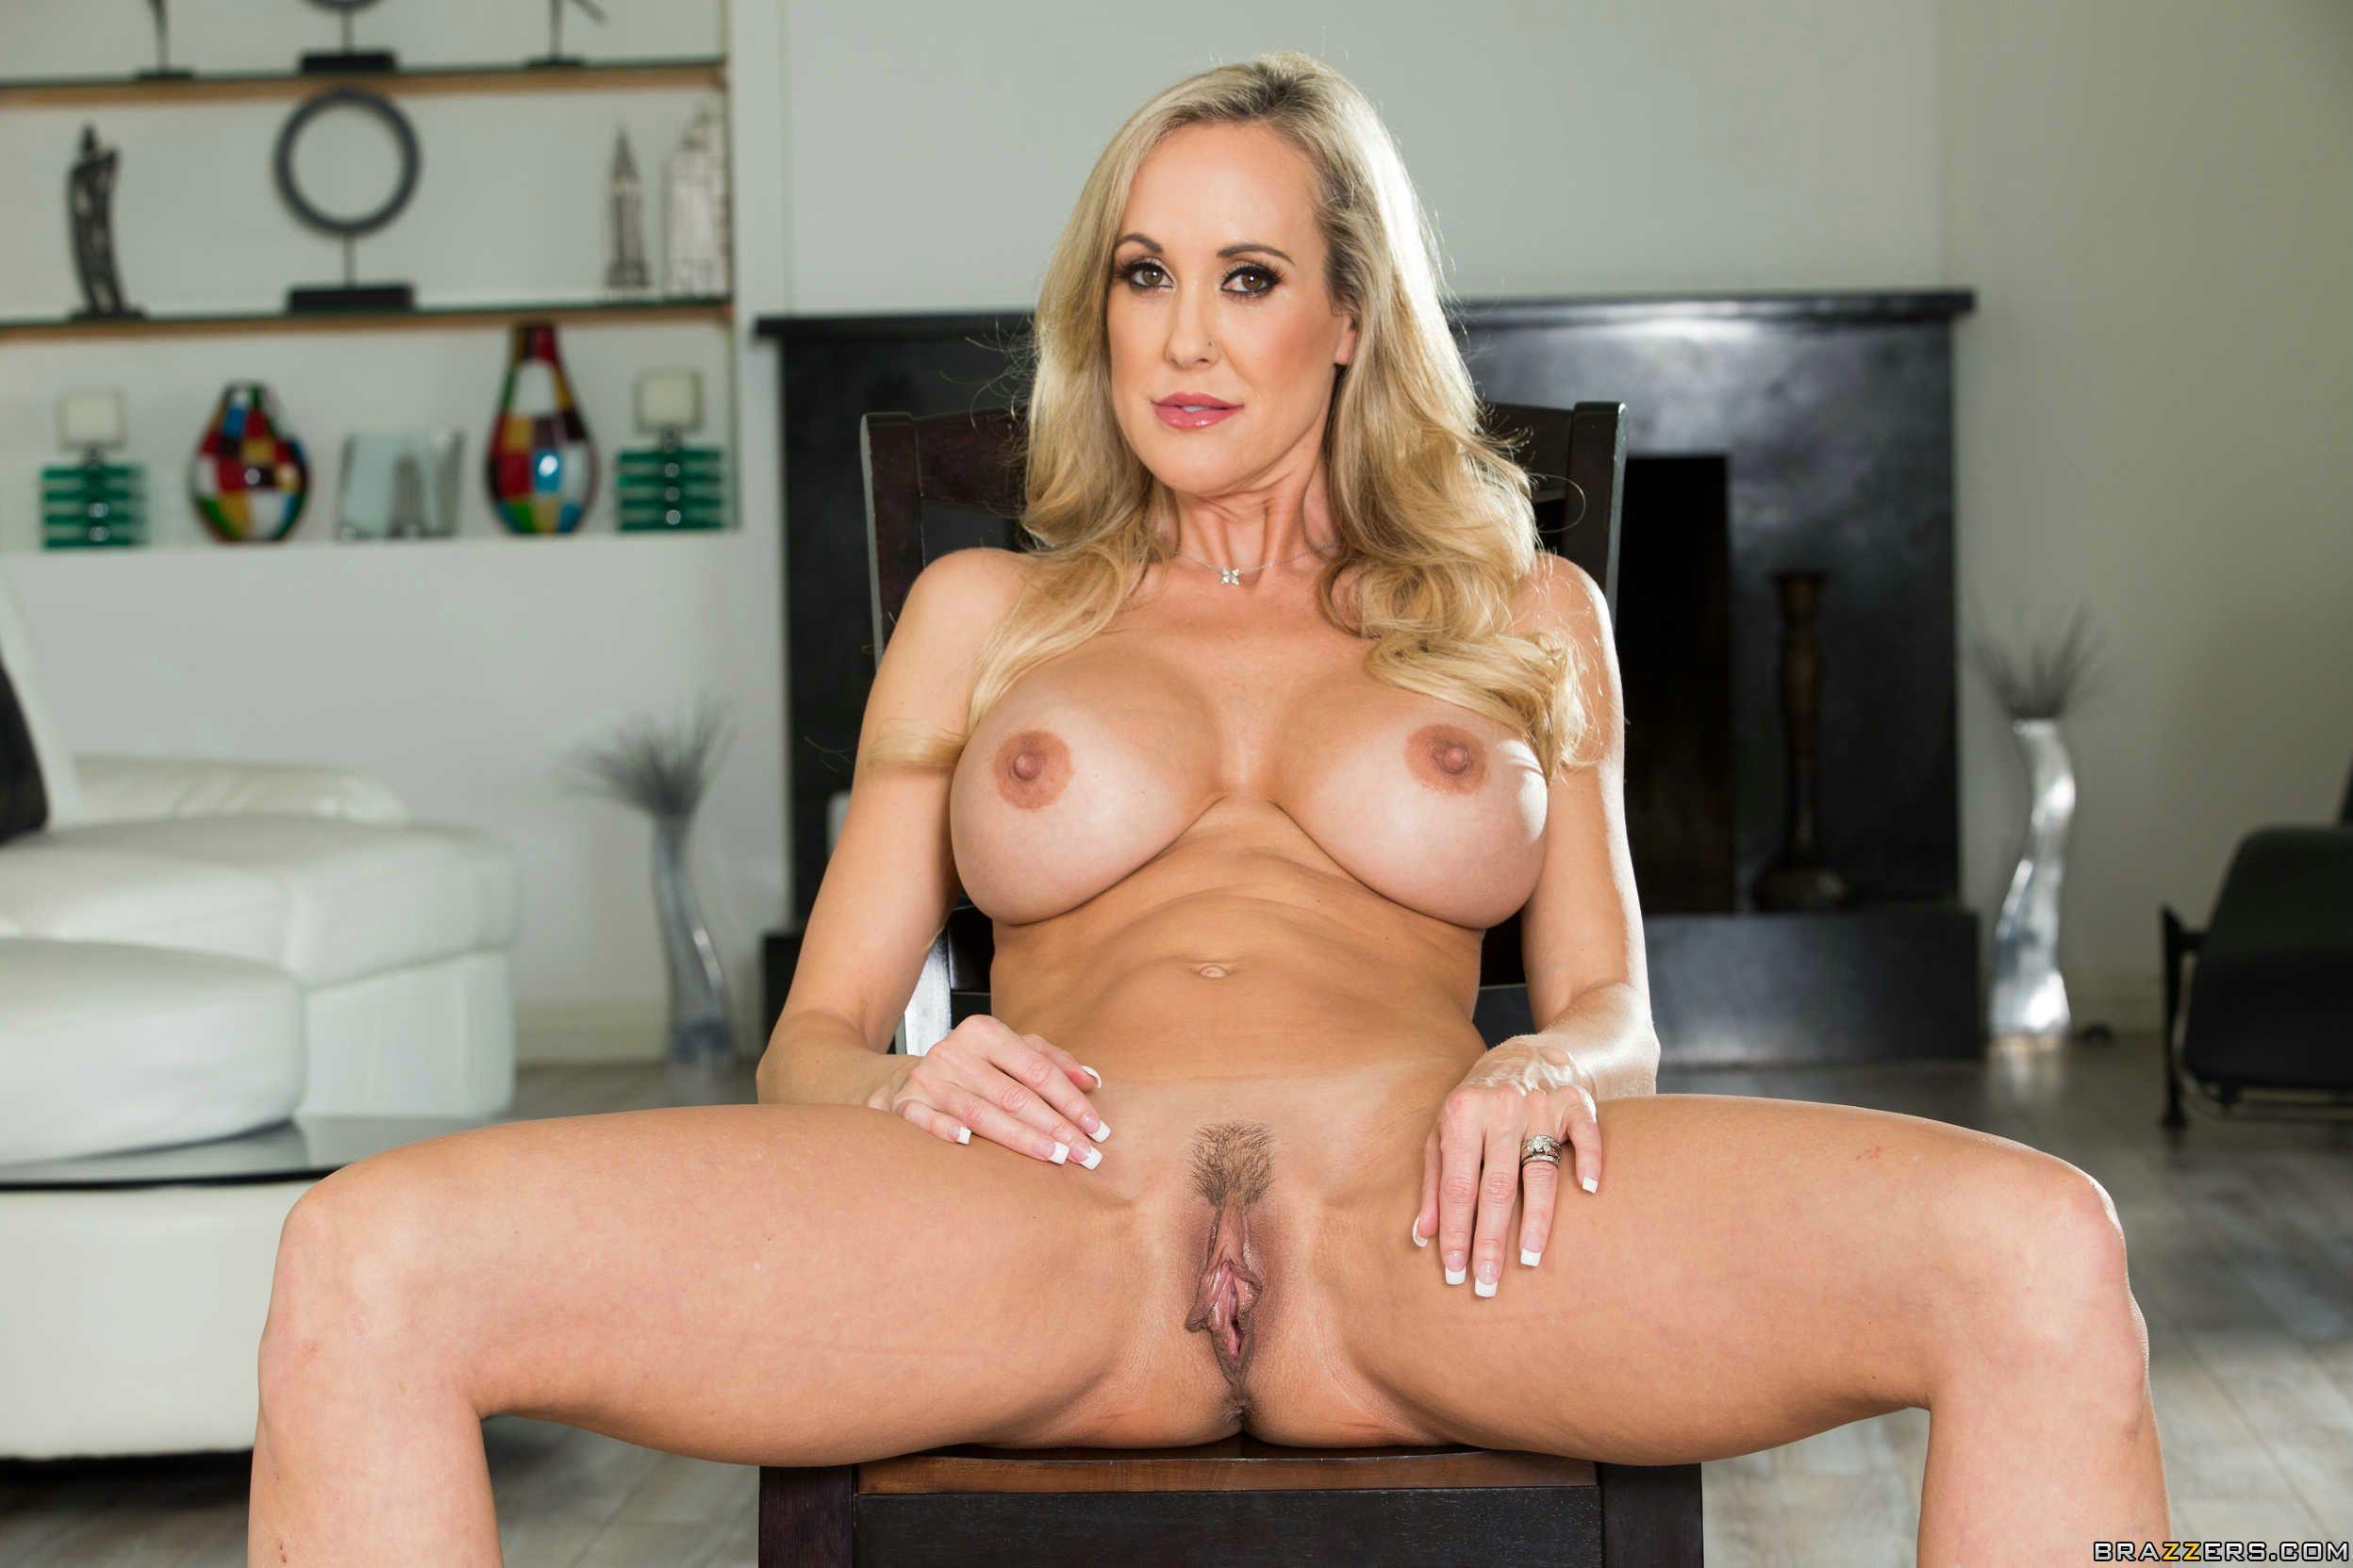 Brandi love naked pic